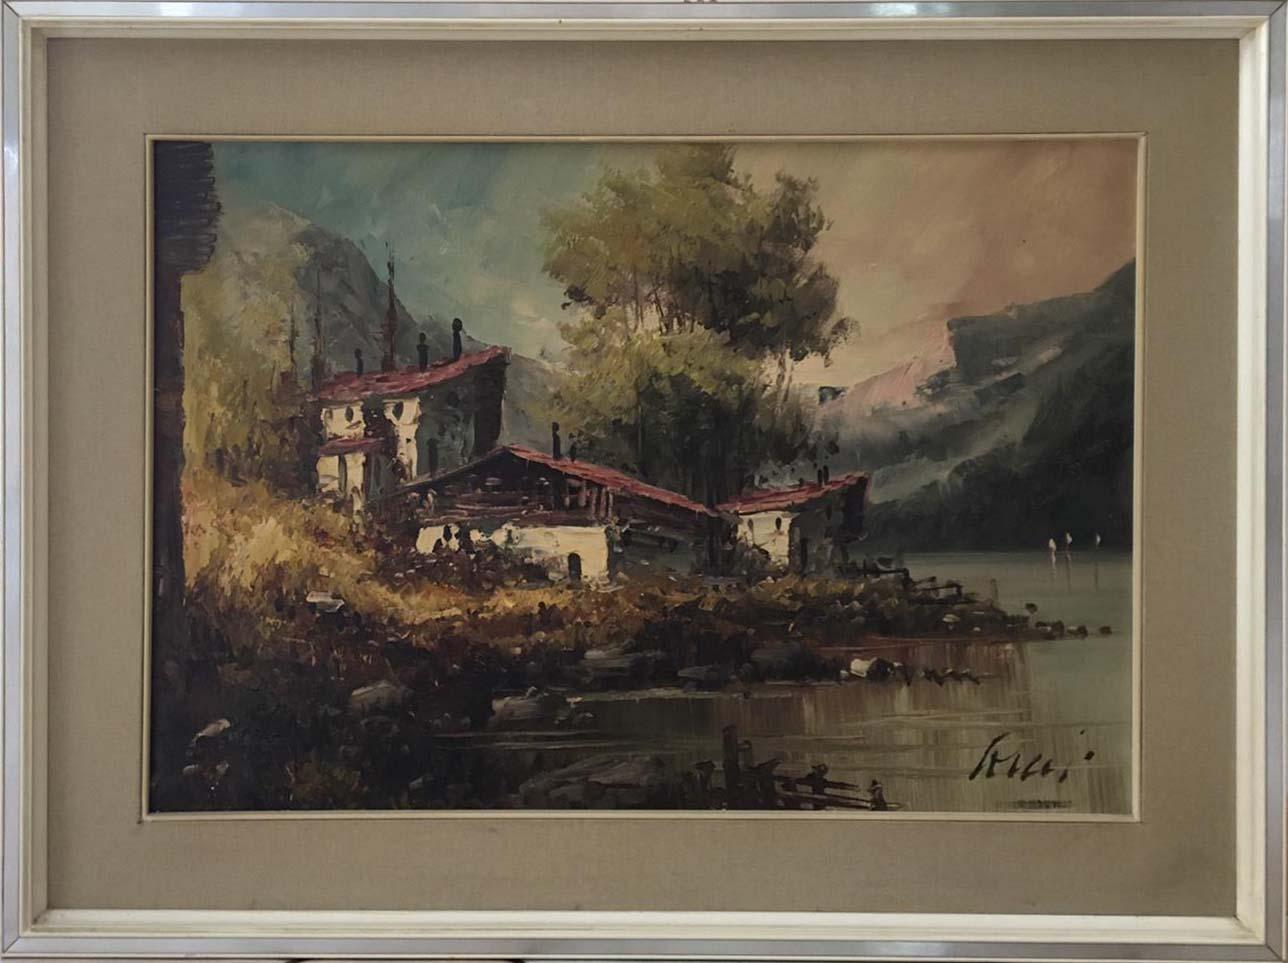 Aldo Fiore – Paesaggio invernale